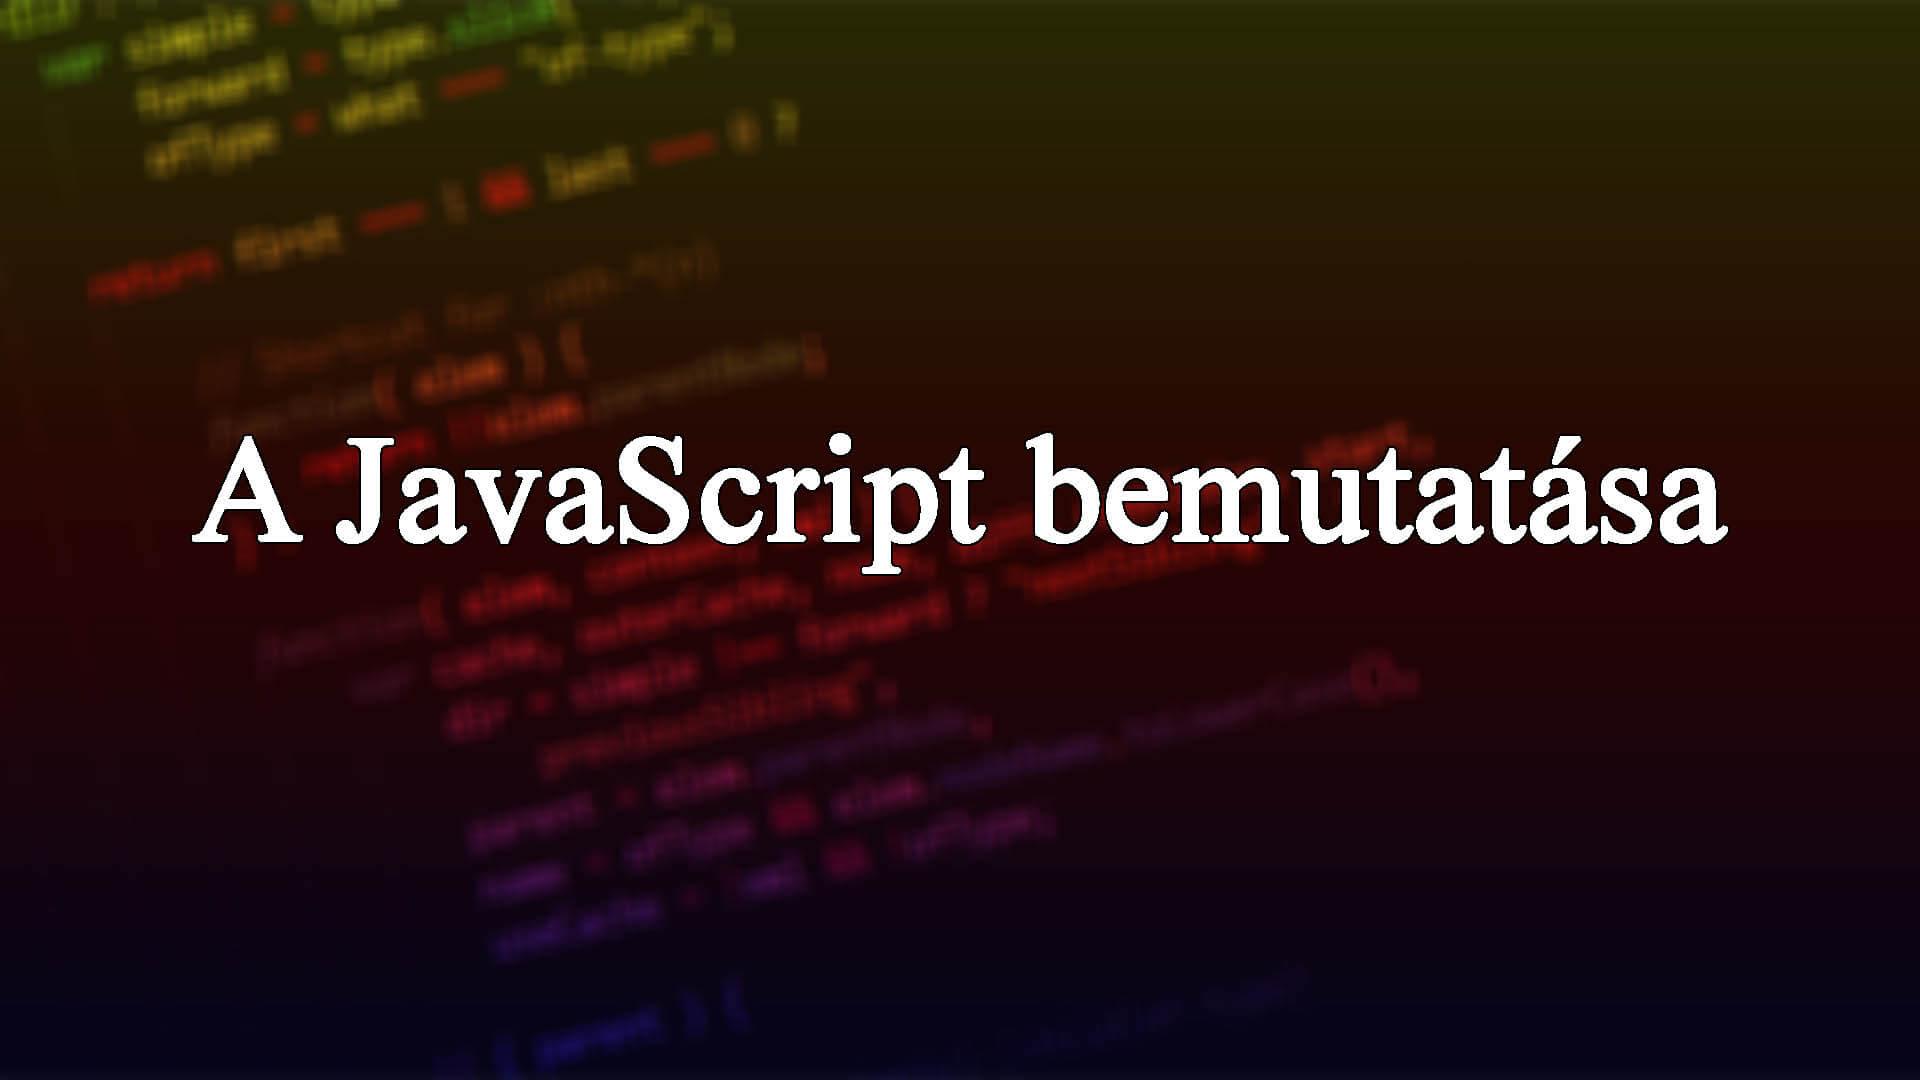 Mi az a JavaScript? A JavaScript (JS) bemutatása című cikk borítóképe